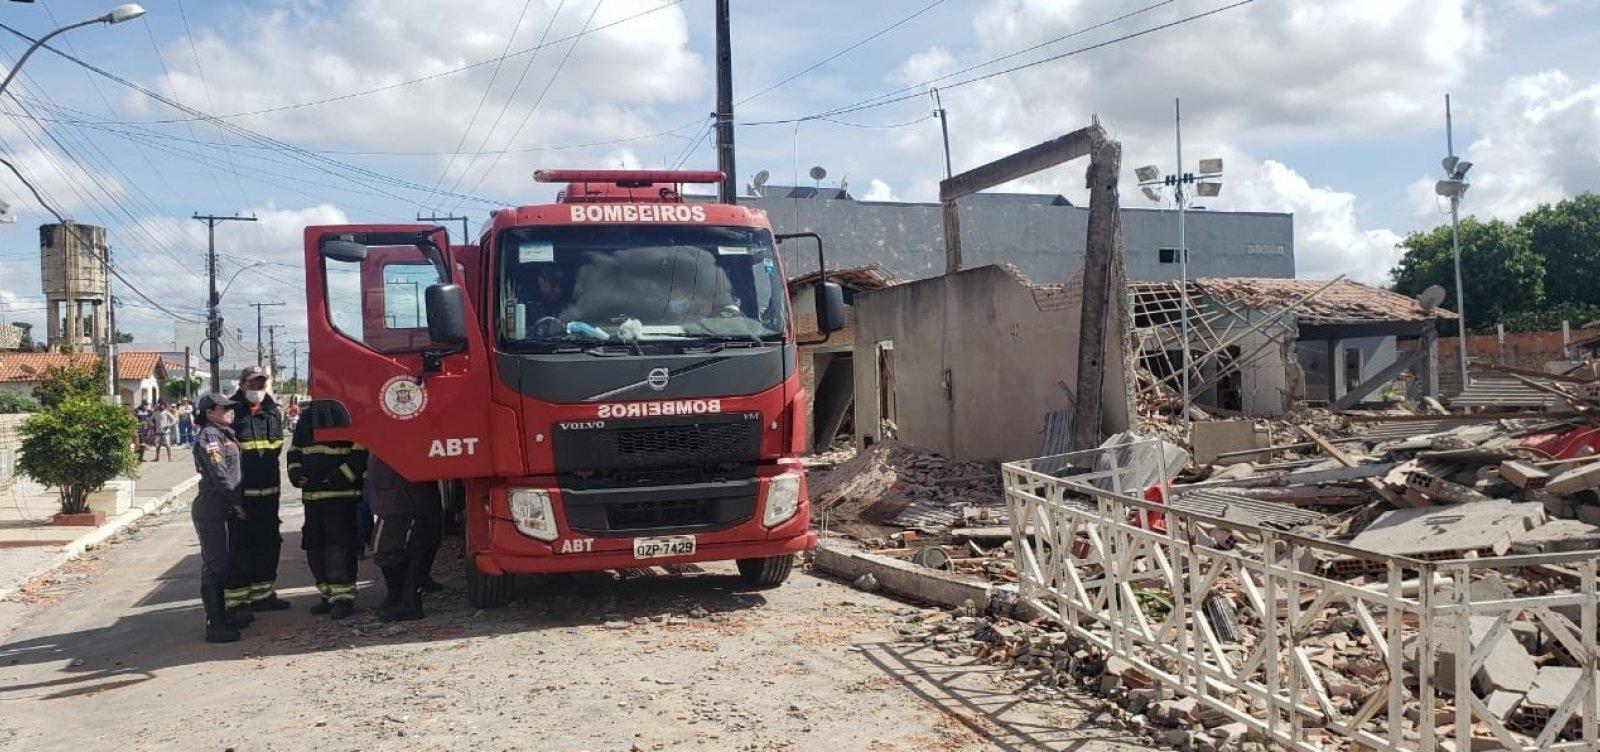 Cinco casas foram atingidas com explosão em Crisópolis; bombeiros avaliam riscos